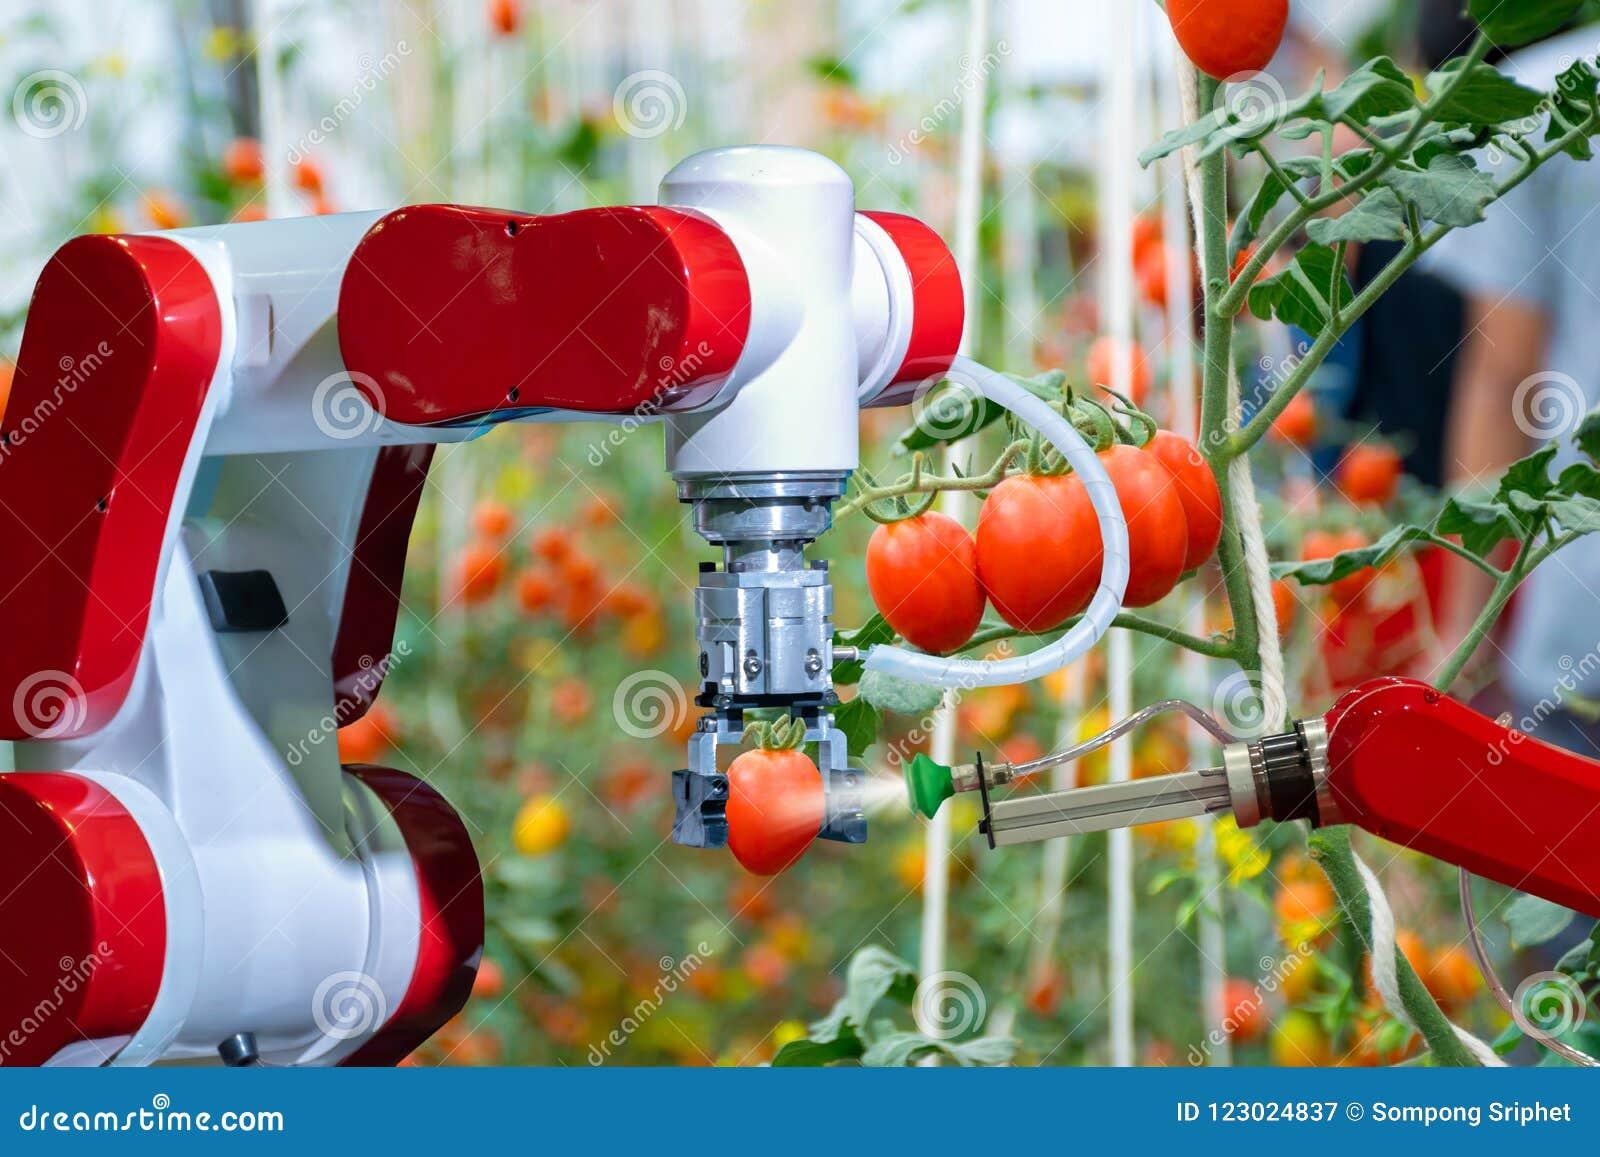 工作的农业未来派机器人自动化的聪明的机器人农夫喷洒化肥